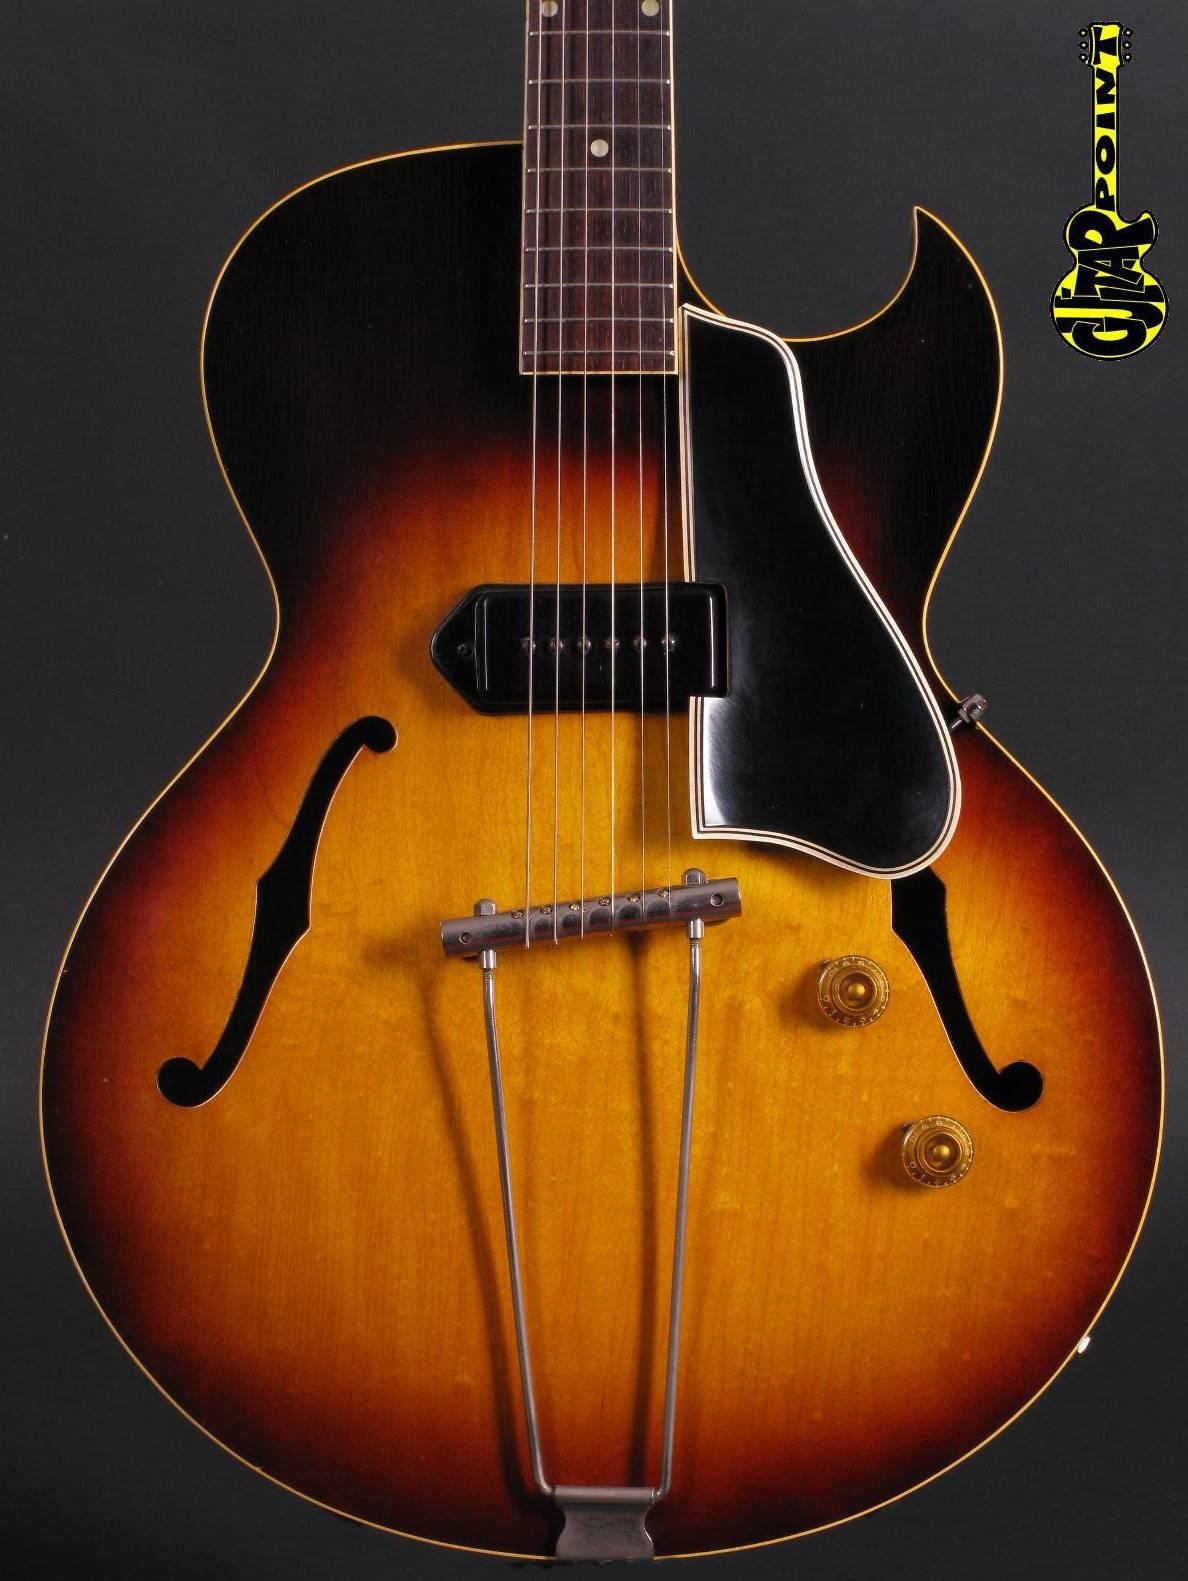 1957 Gibson ES-225 T Sunburst